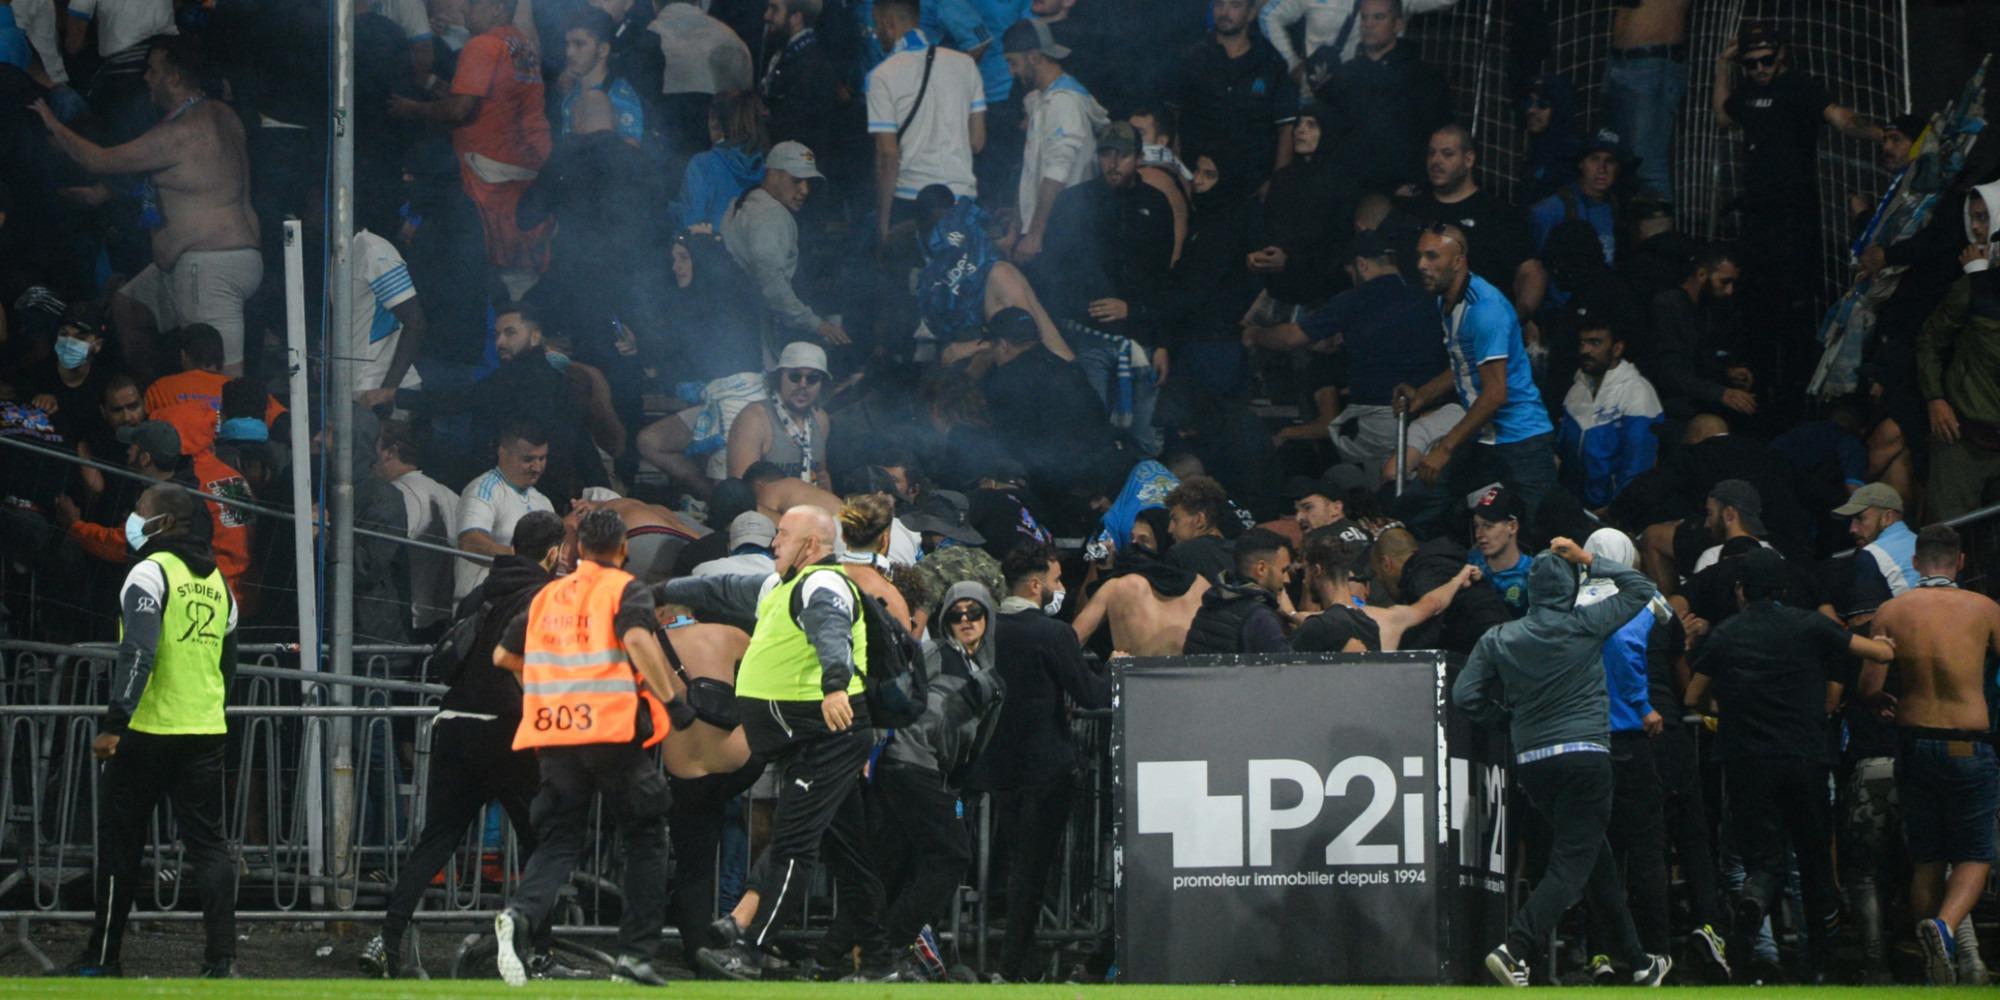 """Violences dans les stades : un """"problème de radicalisation"""" des supporters ?"""